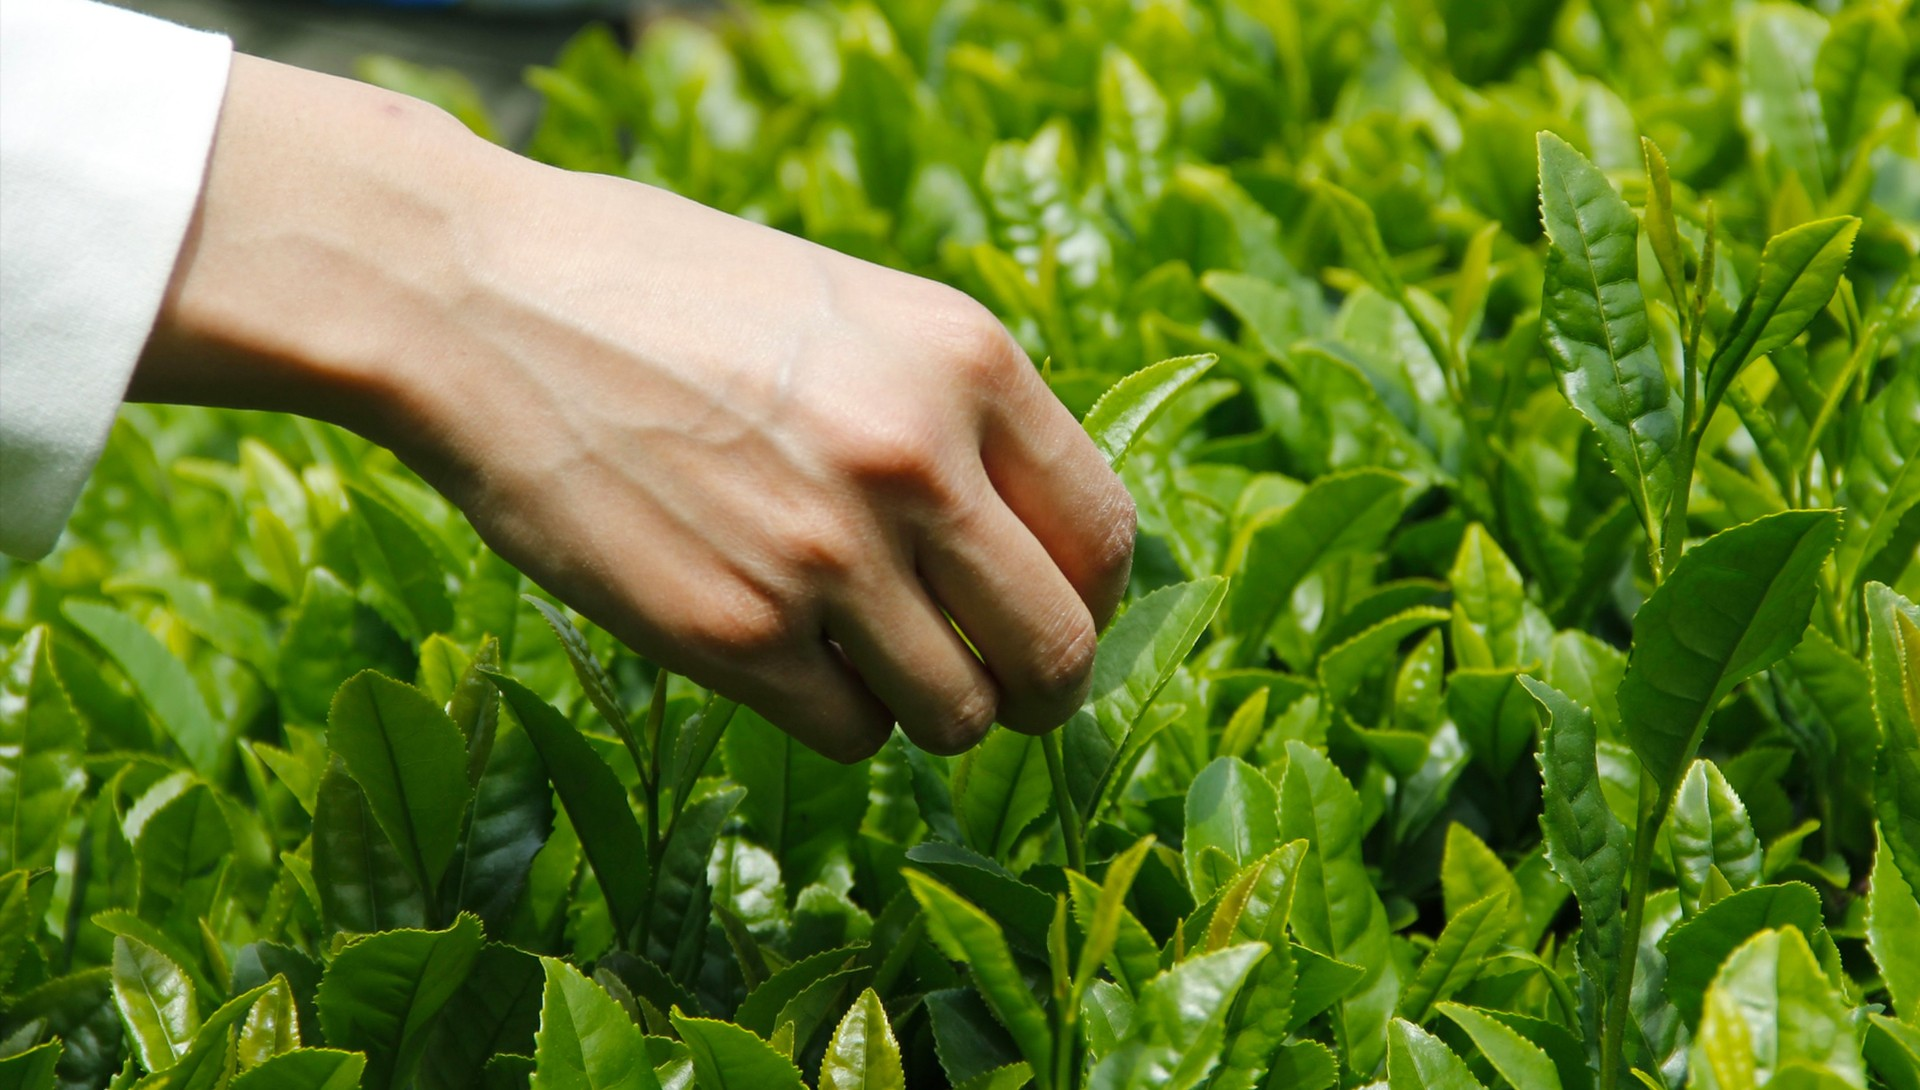 【限定コラボ】体験者限定!「さらびき茶園」での新茶を手摘み&製茶の工程を見学。高橋シェフとさらびき茶園がこの日のためにご用意した和スイーツを新茶の青々としたロケーションの中お楽しみください。